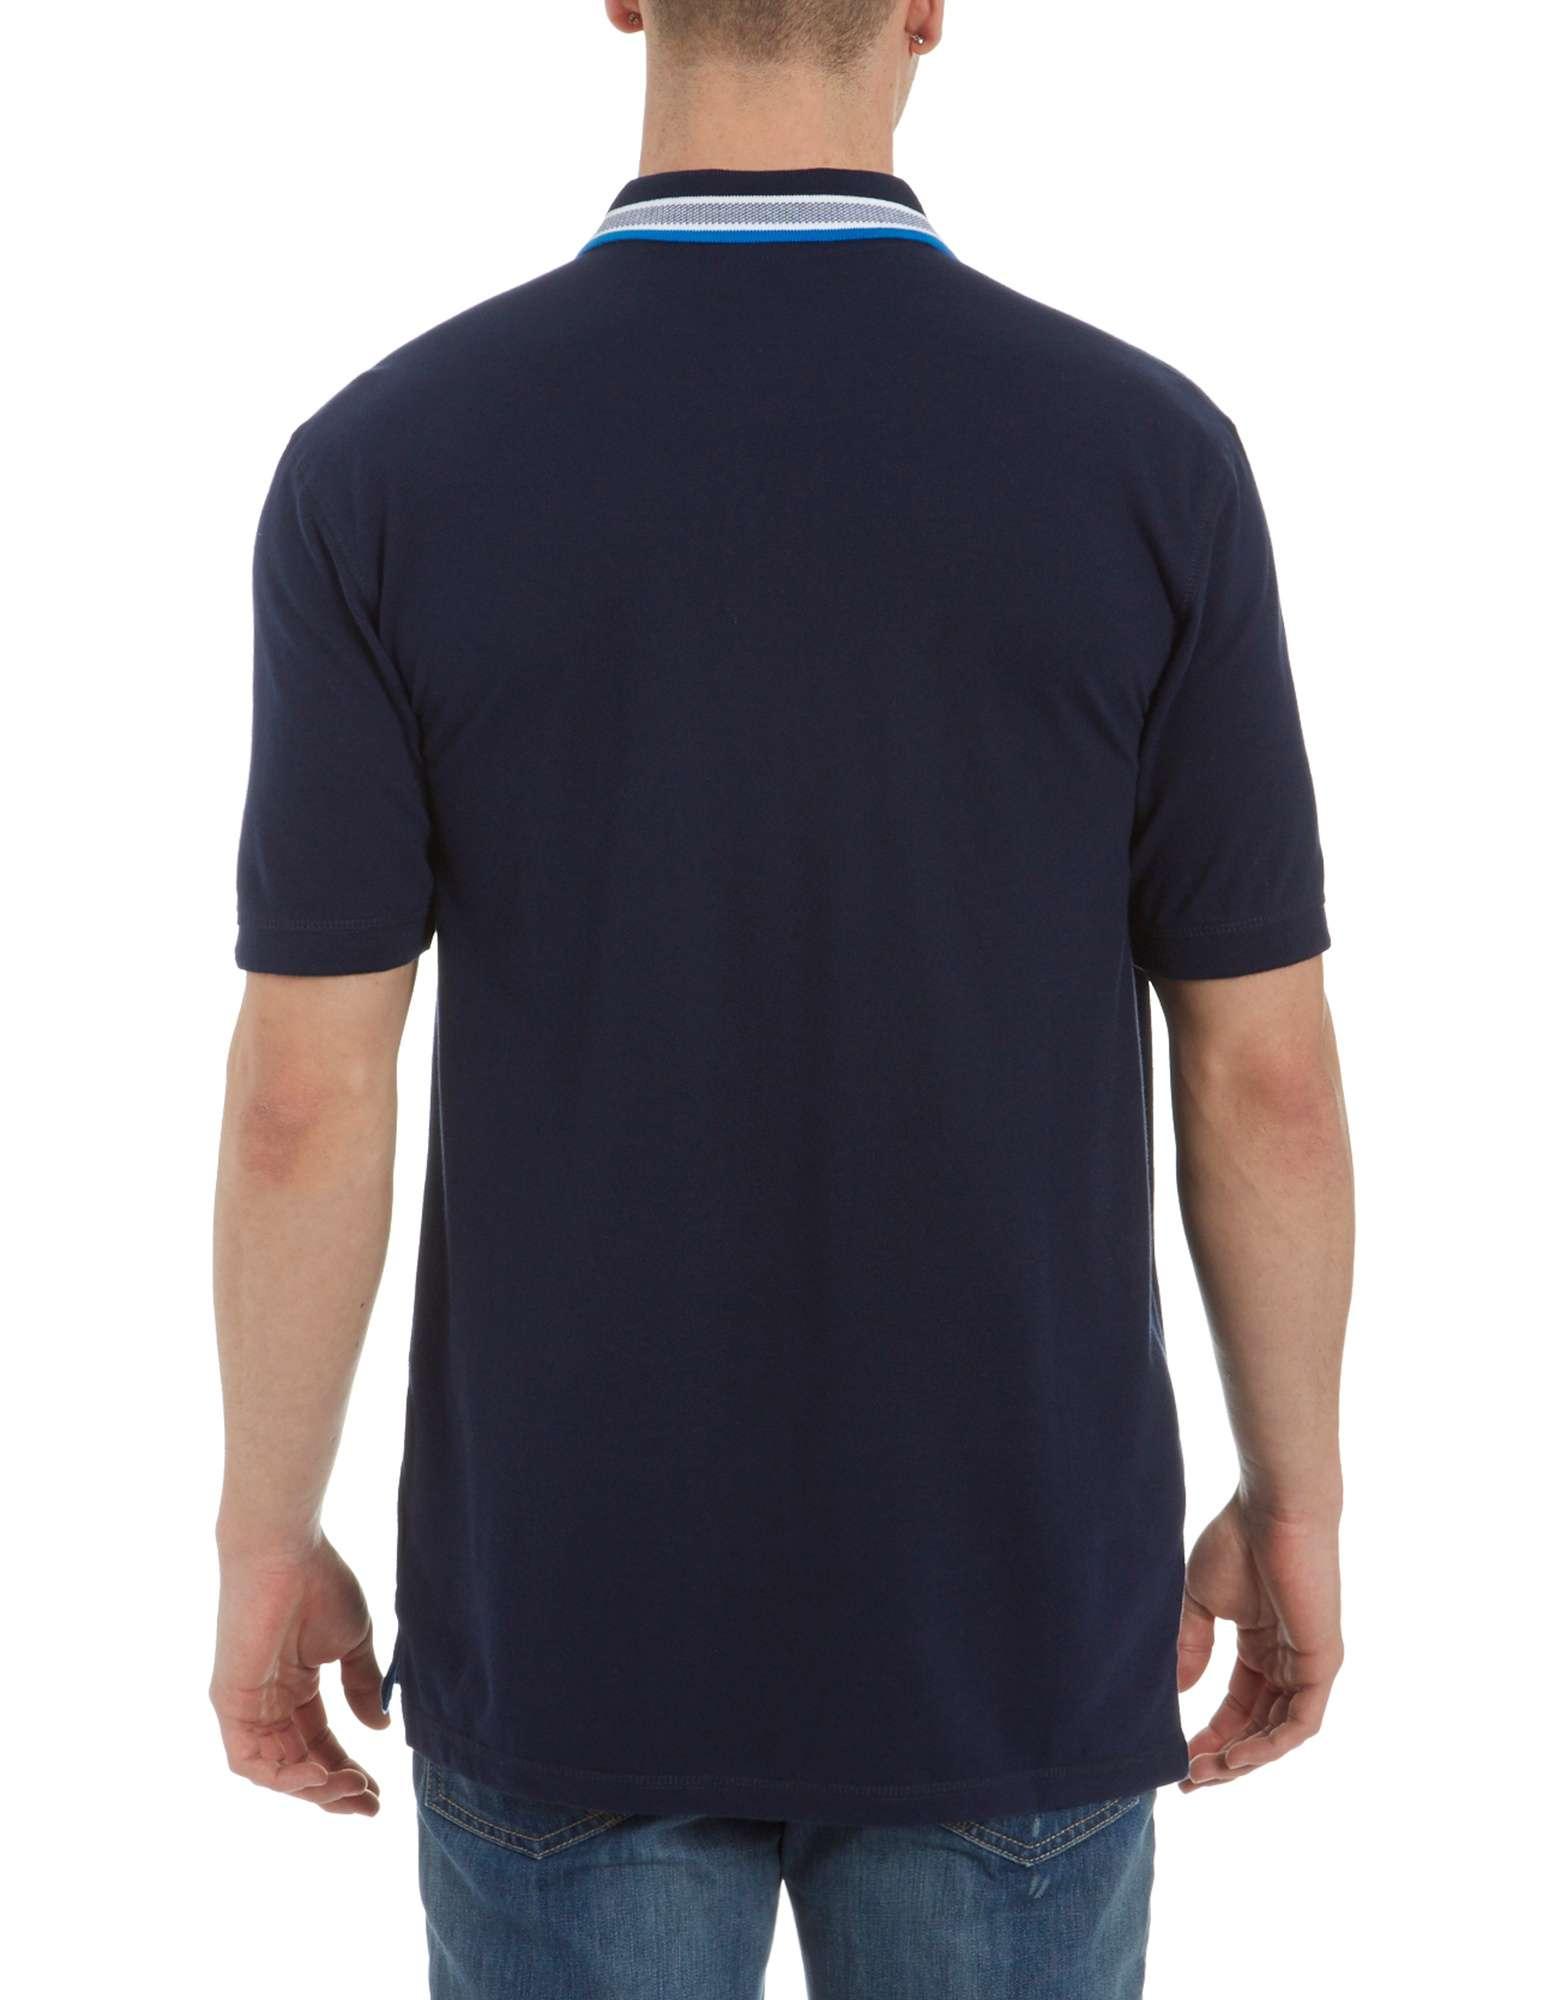 McKenzie Dellasandro Polo Shirt